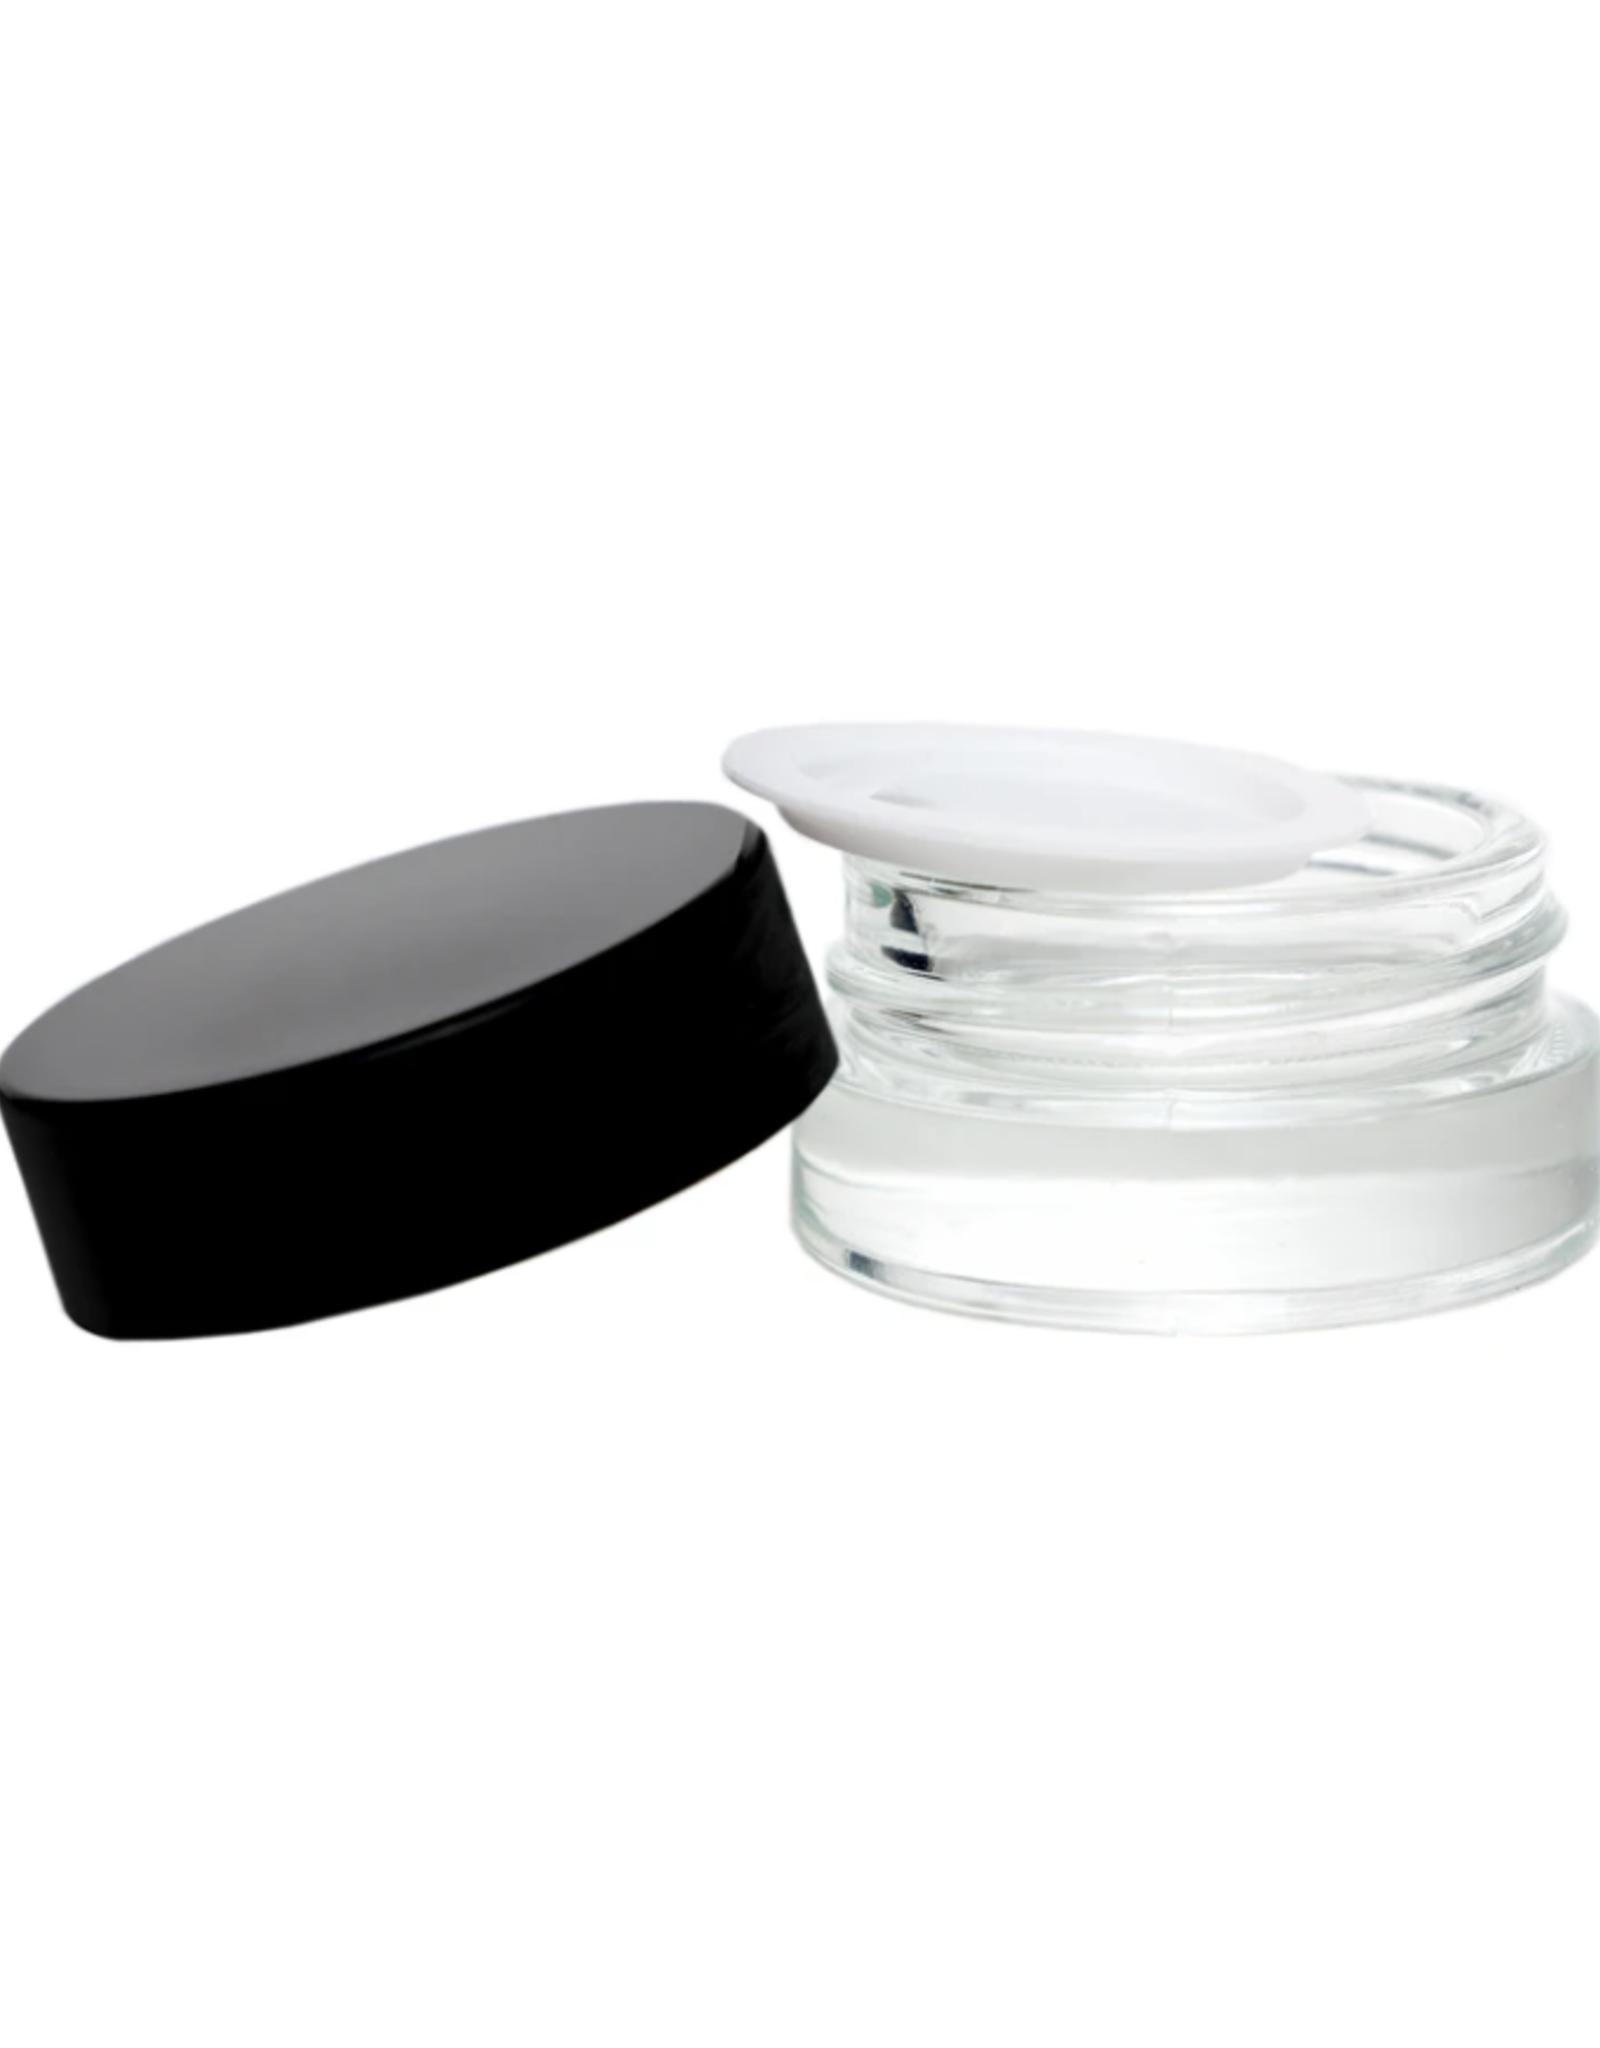 7ml Glass Storage Jar